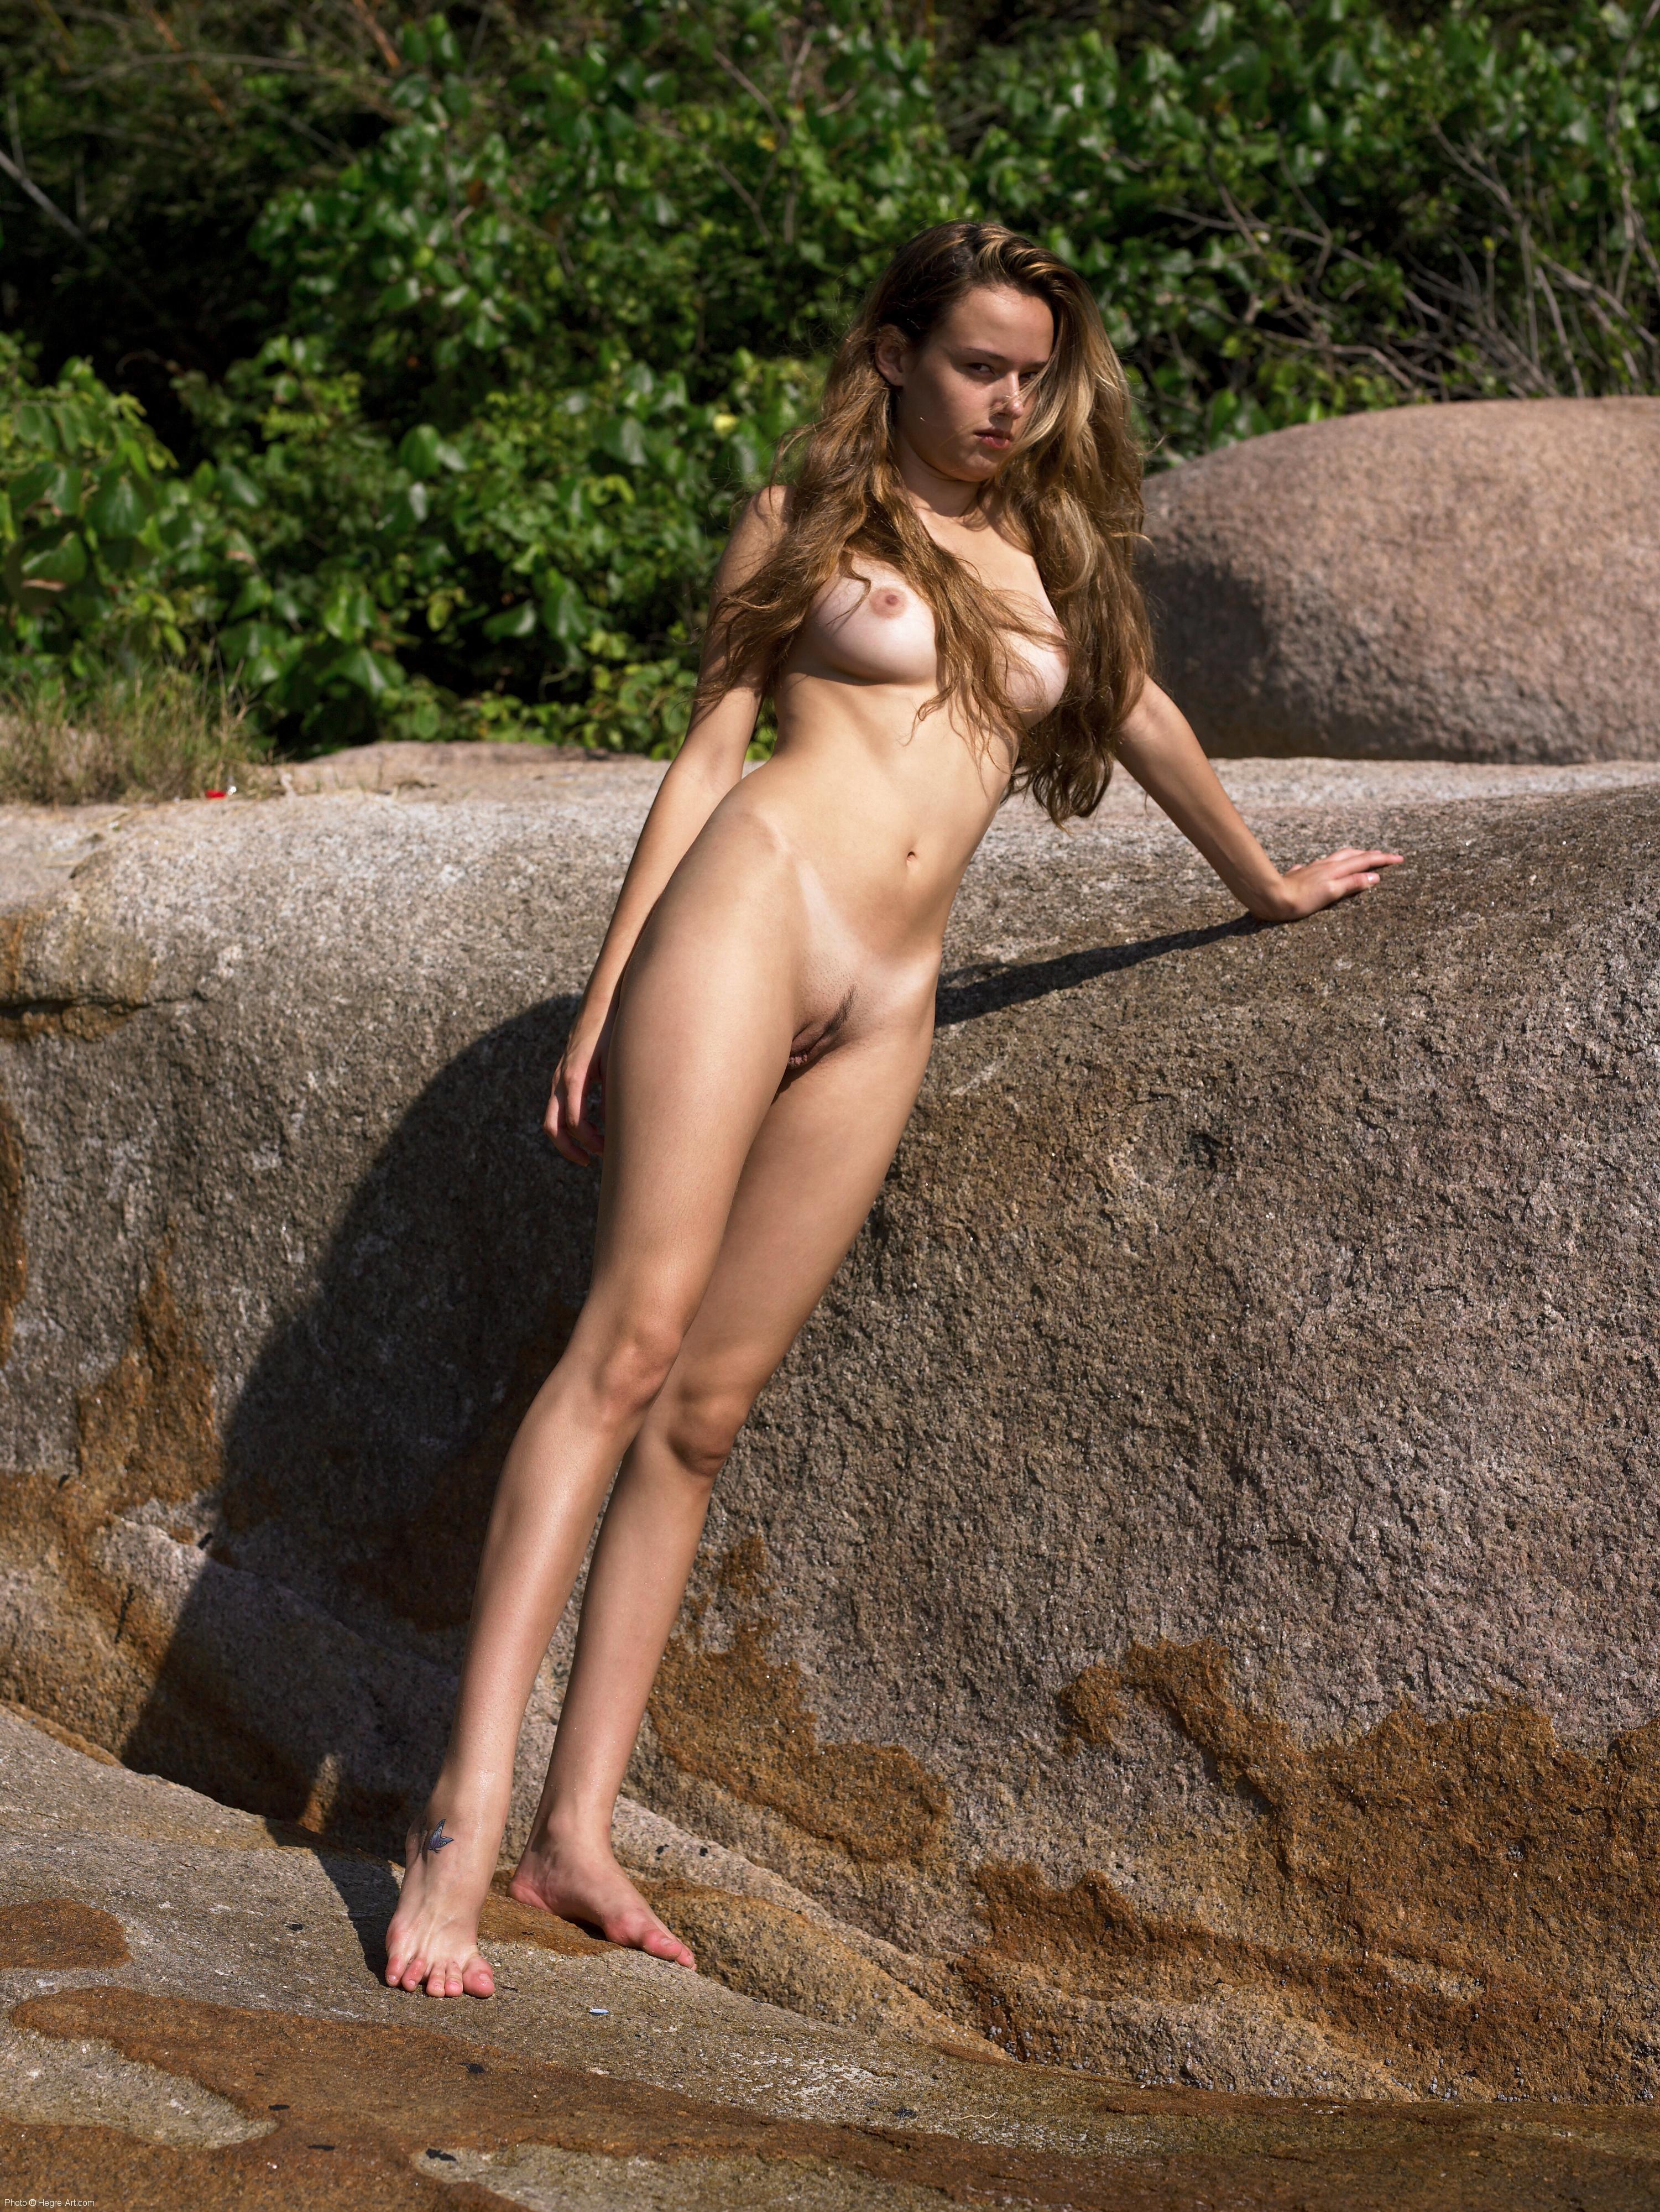 Gislane Nudist 122206 016 (GislaneNudist_122206_016.jpg) - 10301958 ...